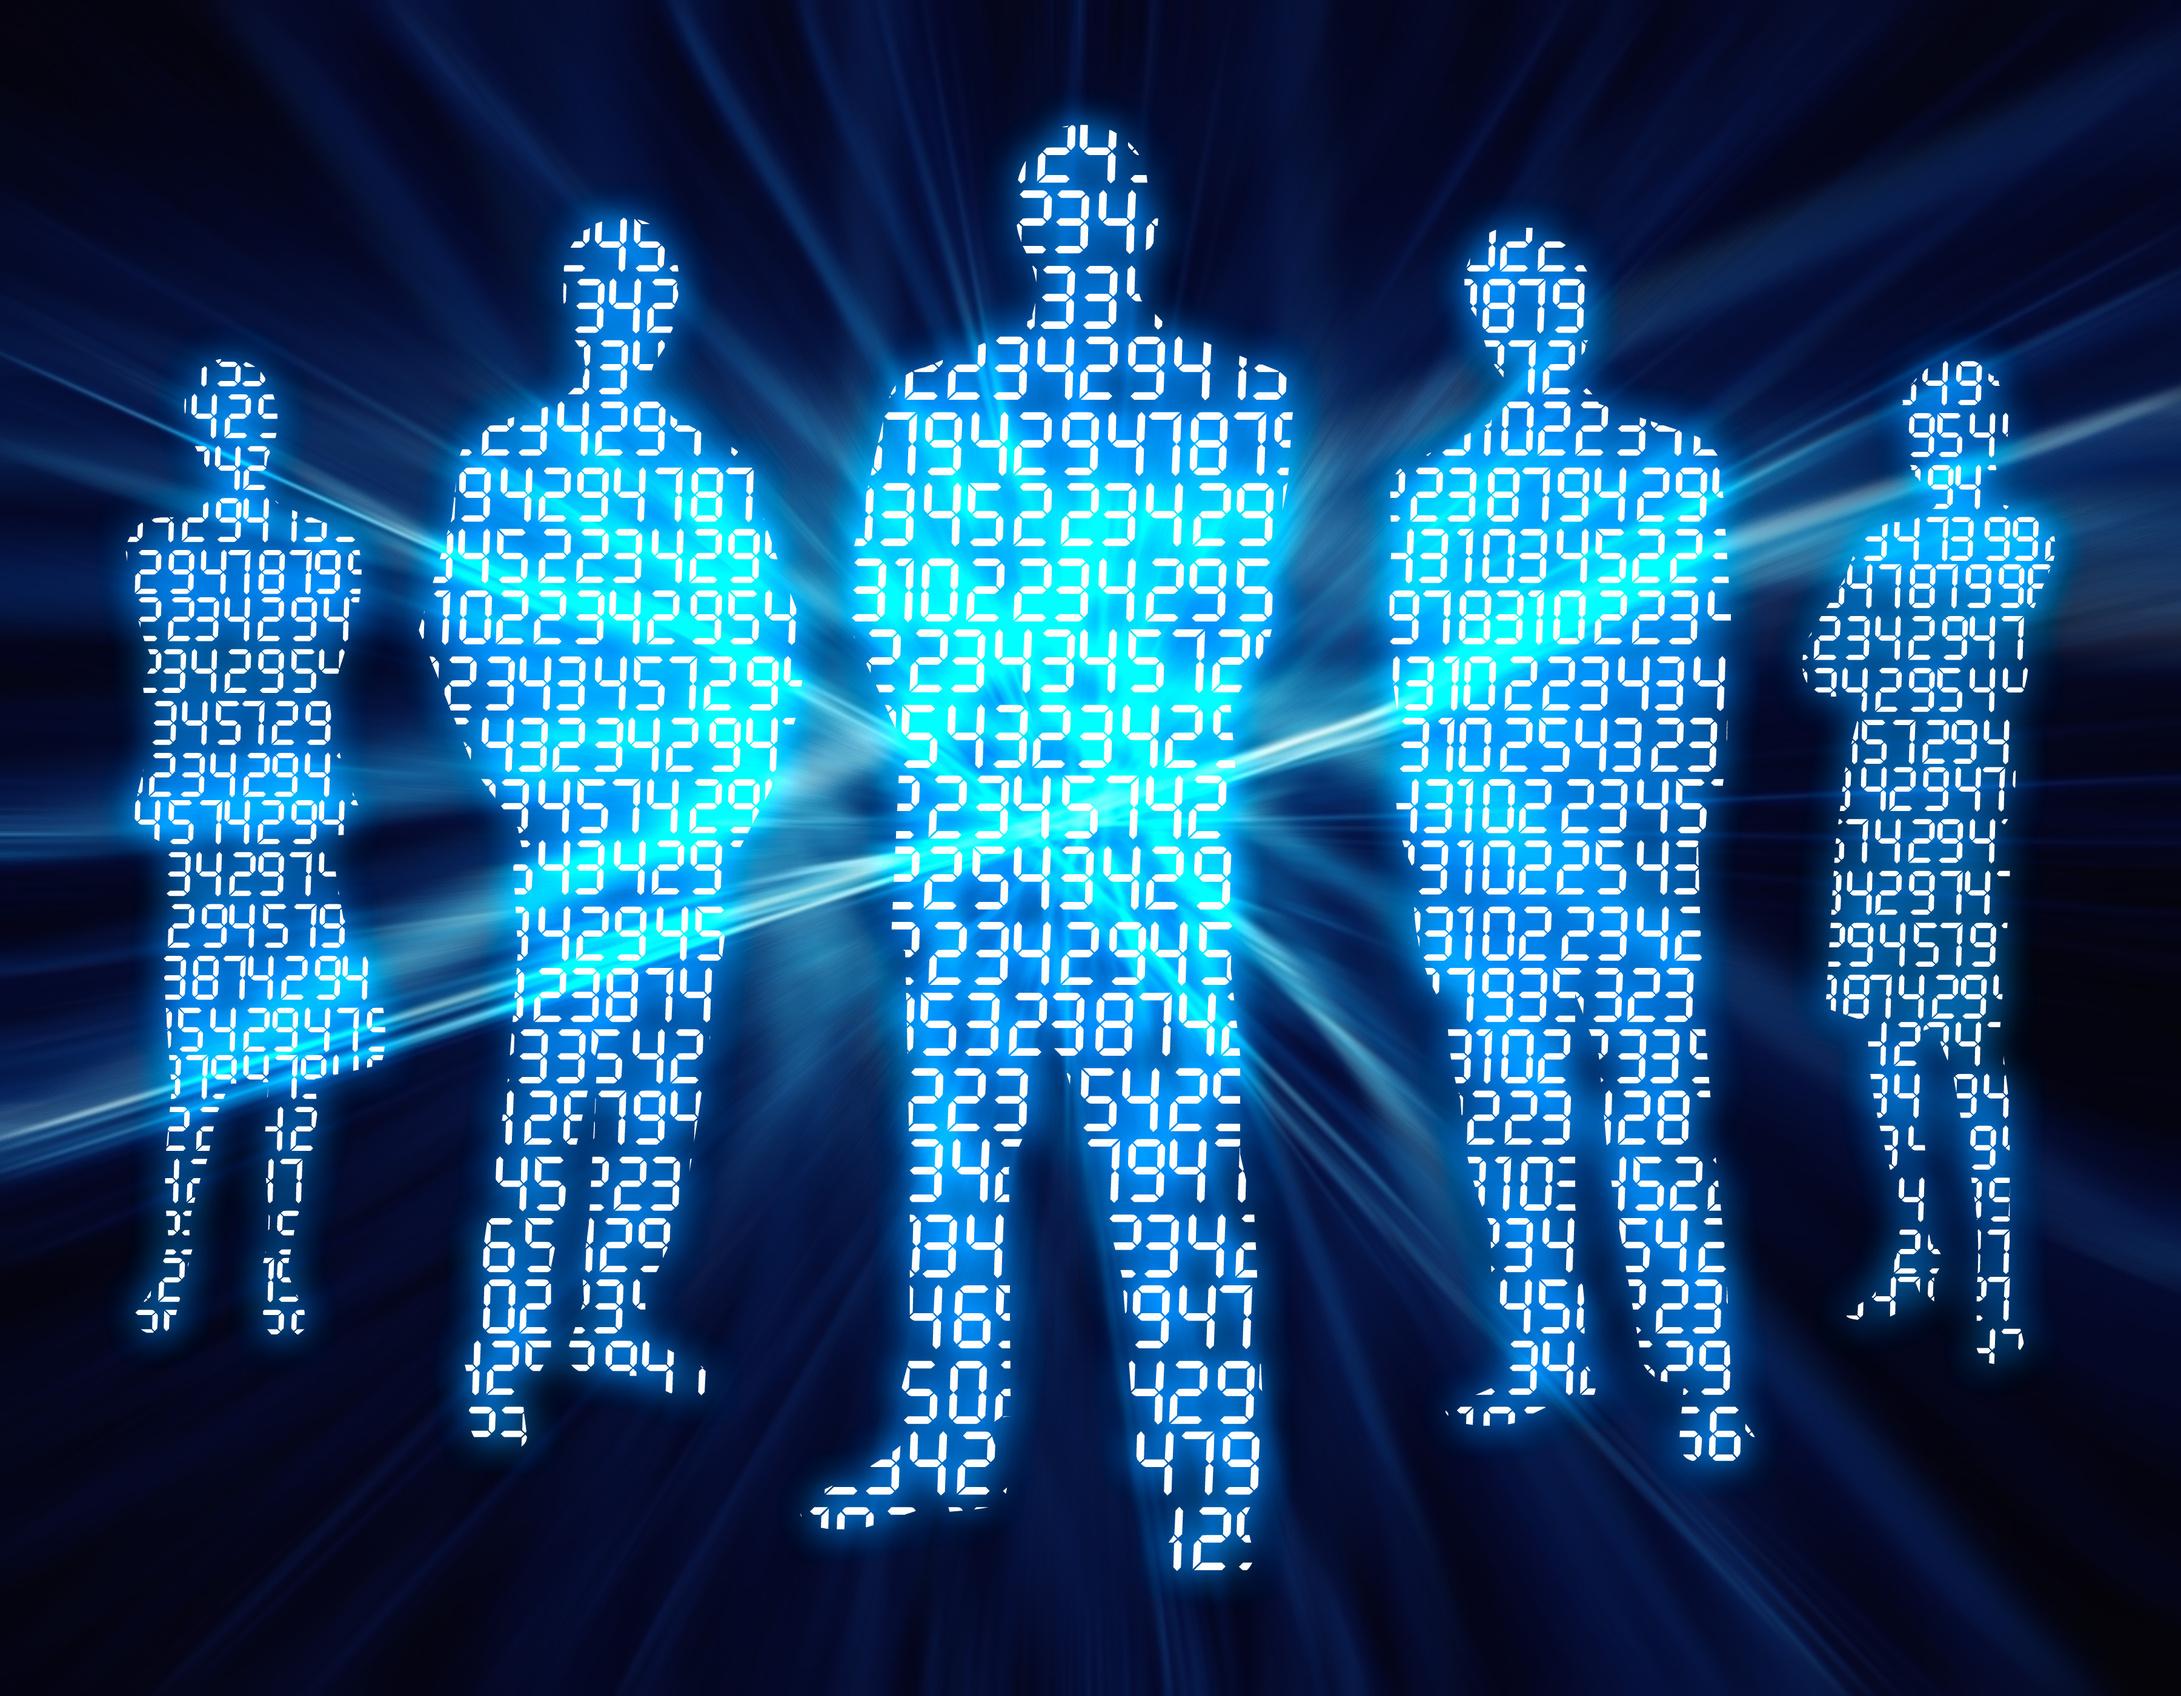 Des vêtements intelligents capables de détecter certaines maladies